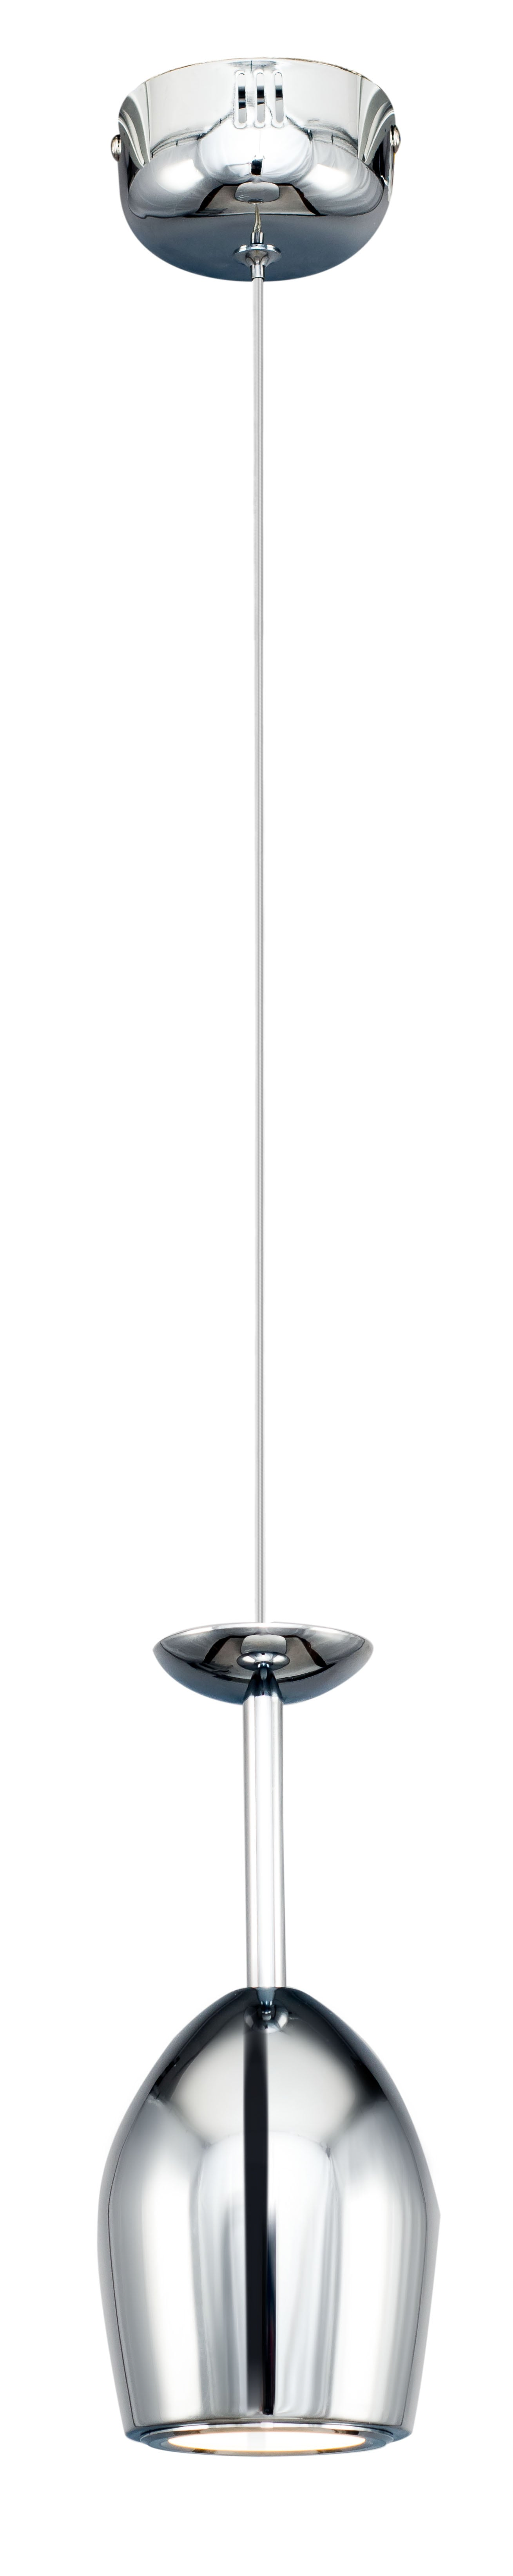 Nowoczesna Lampa LED wisząca Merlot chrom LED 5W